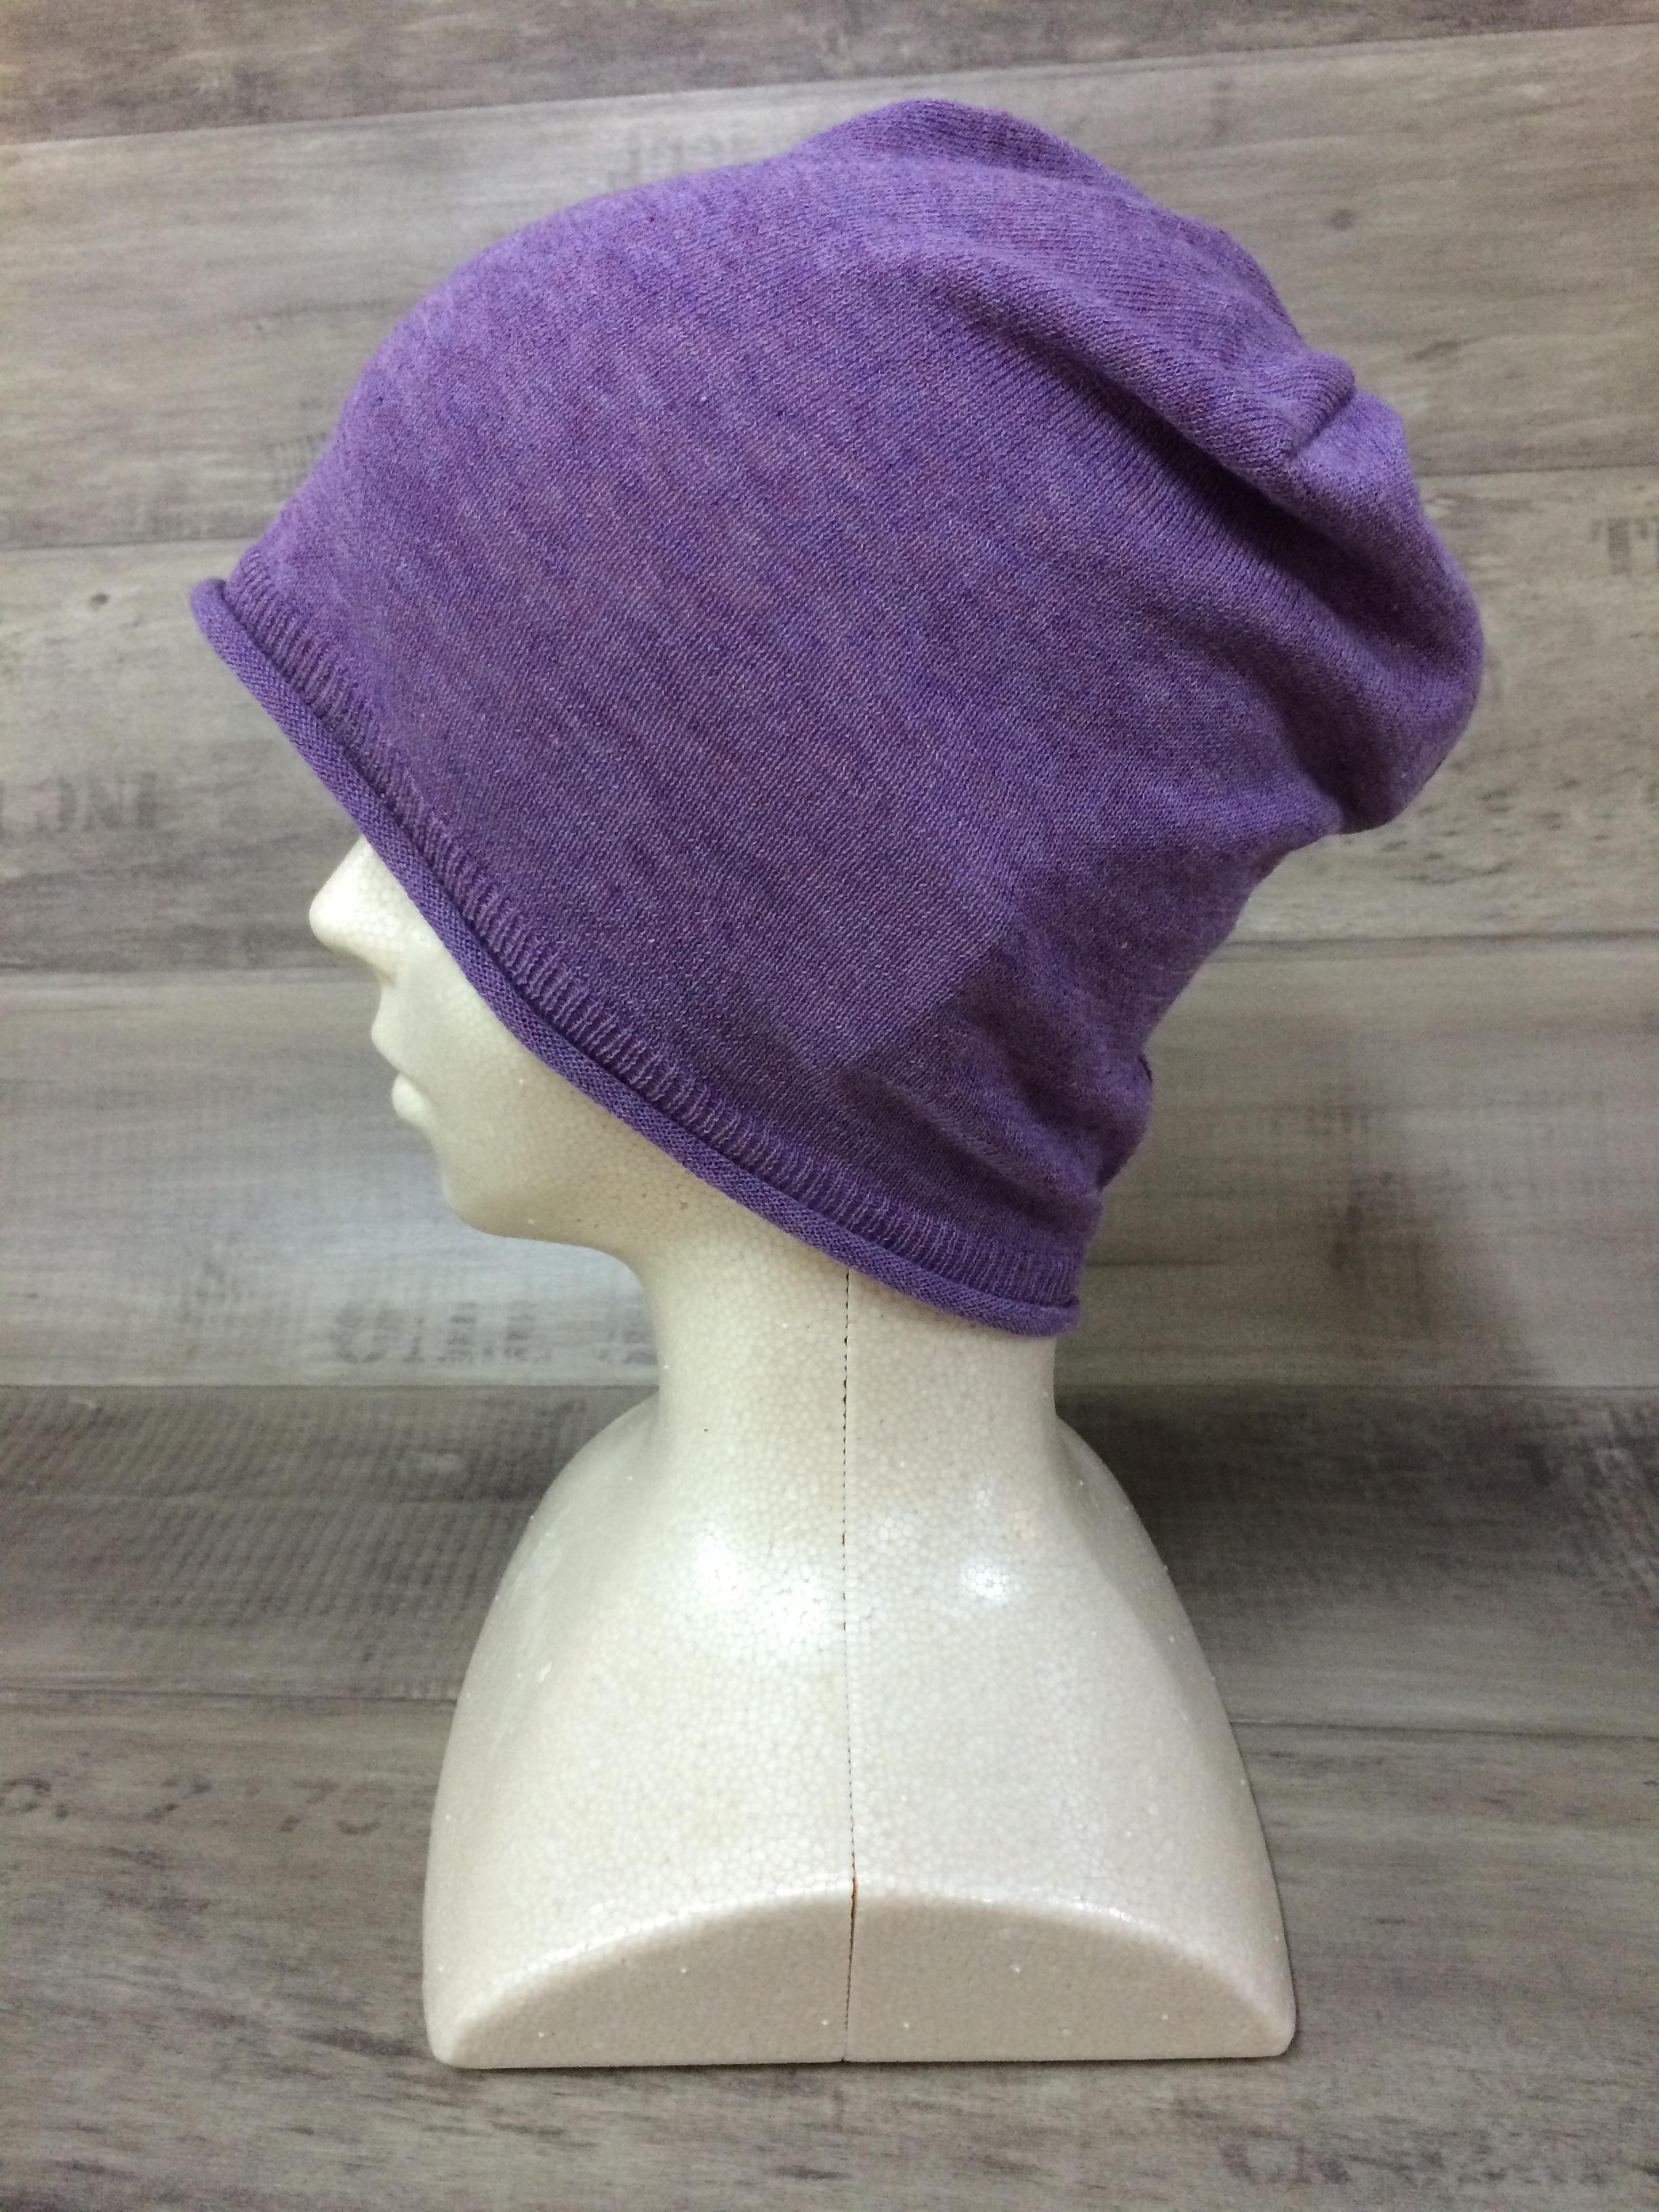 【送料無料】こころが軽くなるニット帽子amuamu|新潟の老舗ニットメーカーが考案した抗がん治療中の脱毛ストレスを軽減する機能性と豊富なデザイン NB-6058|紫芋 <オーガニックコットン アウター>